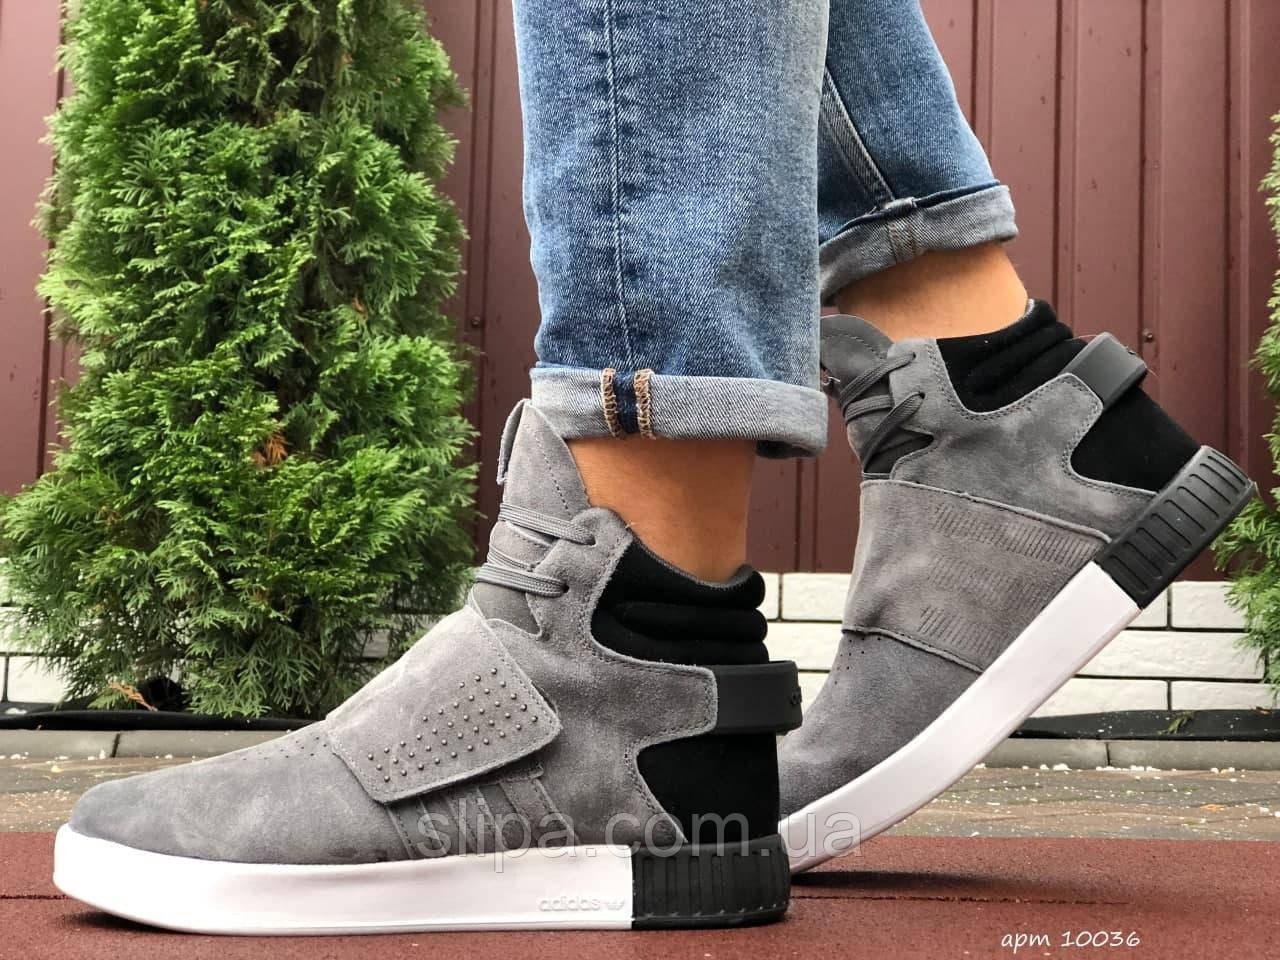 Чоловічі зимові кросівки Adidas Tubular сірі